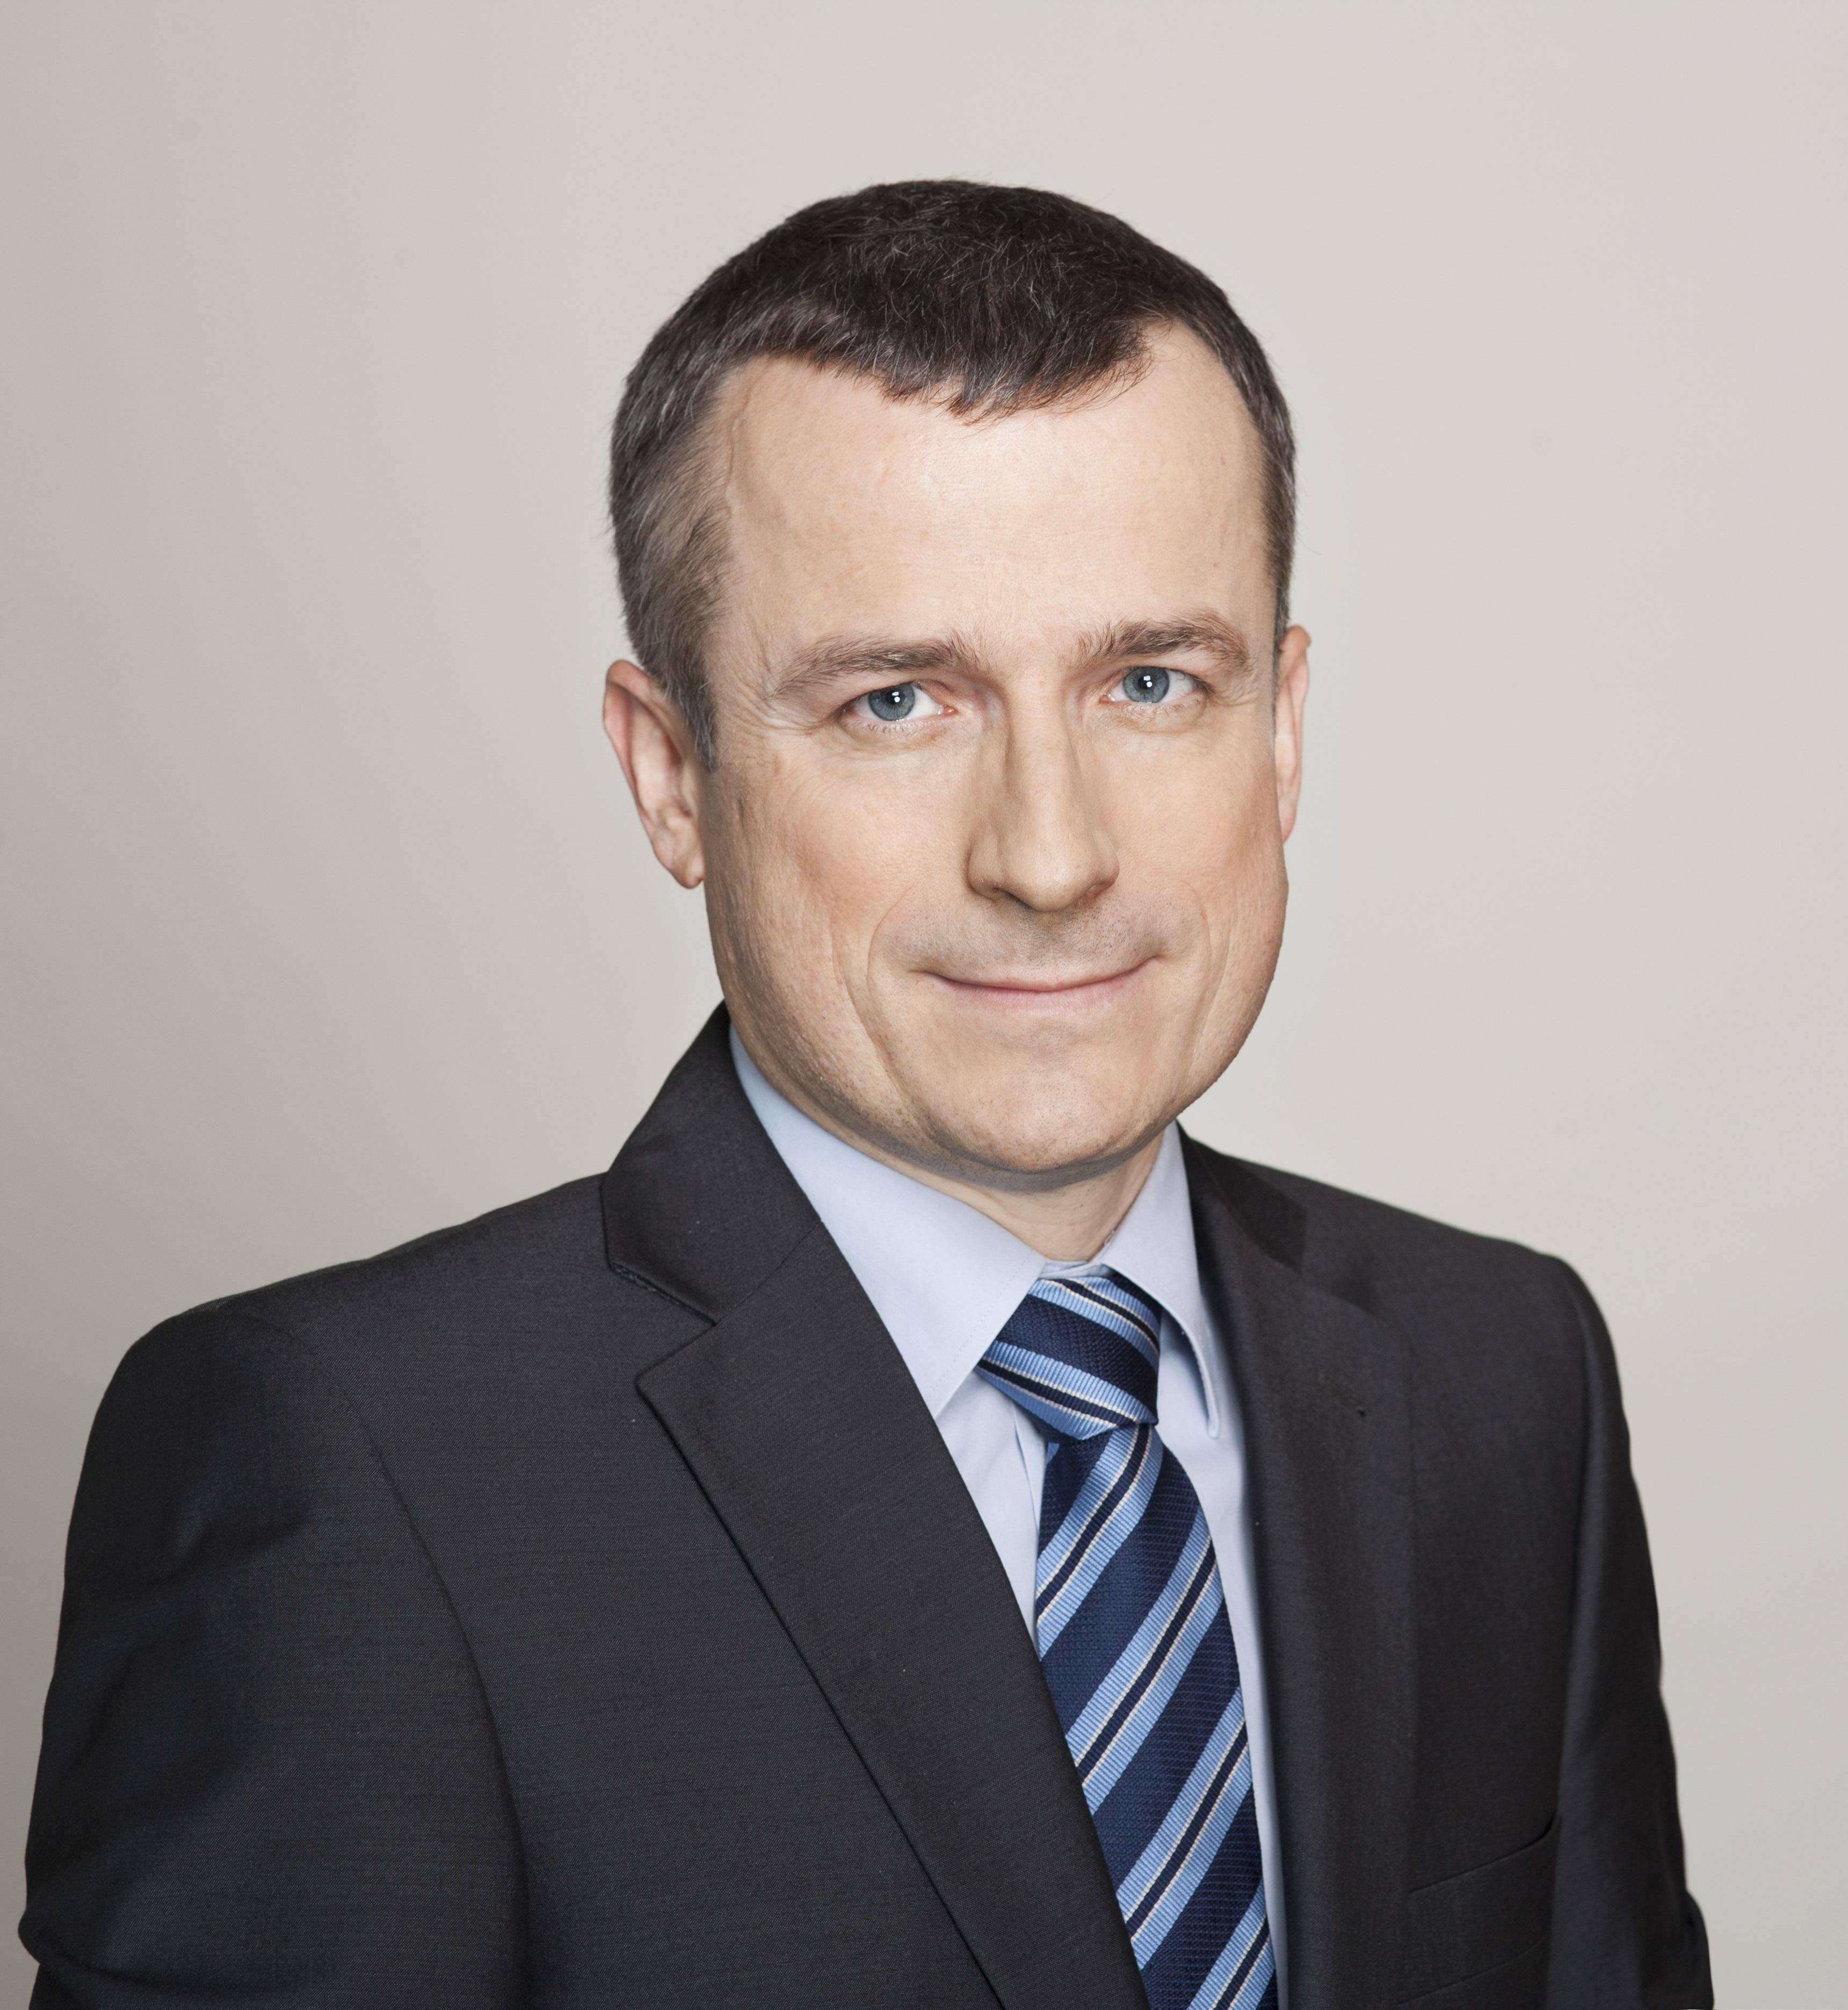 Krzysztof Pycia